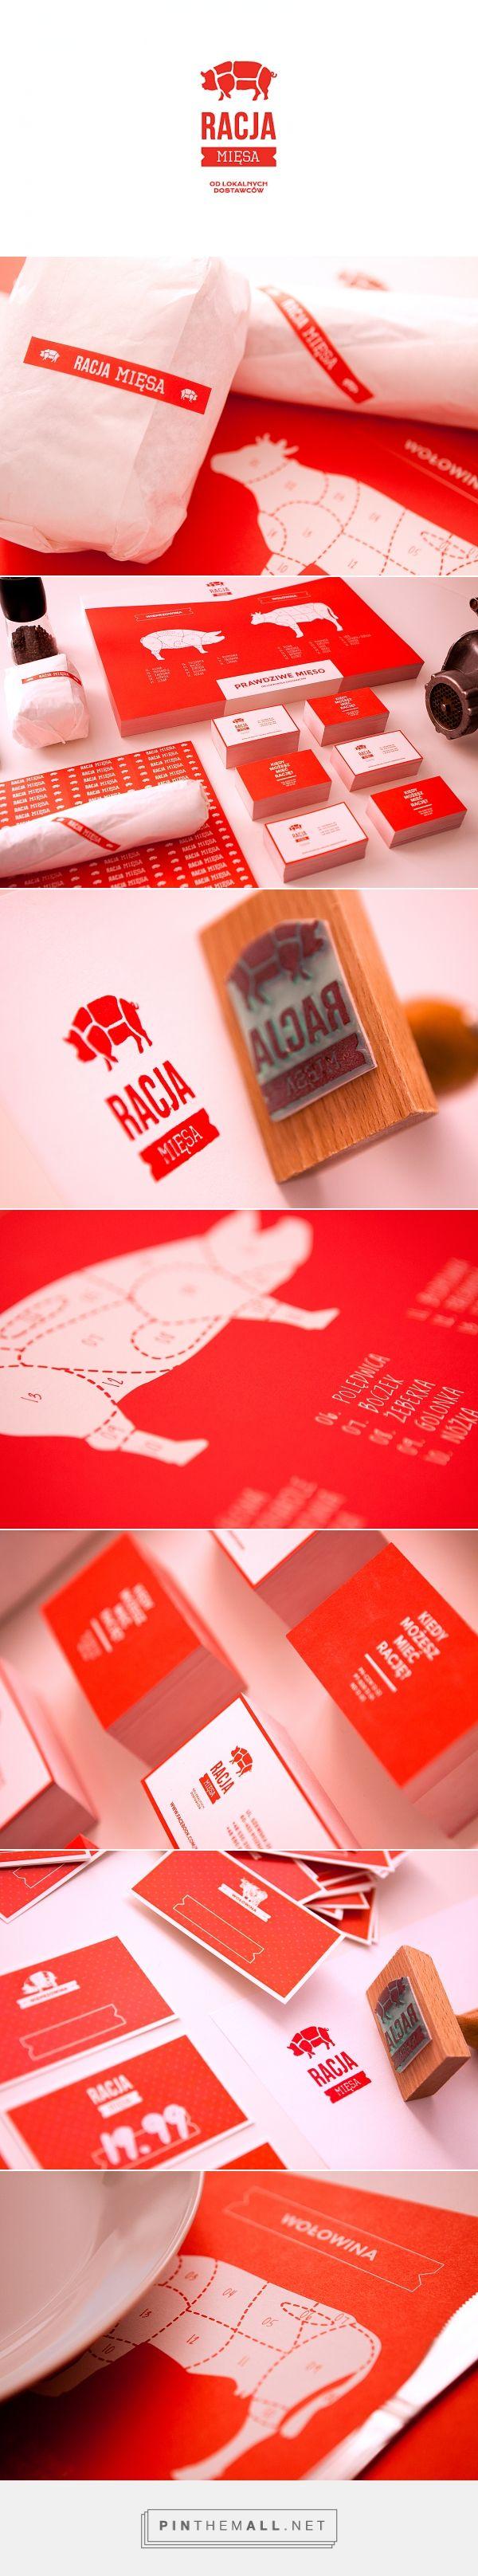 包装Diva PD策划的Behance的RACJAMIĘSA包装品牌。猜猜它是晚餐的猪肉:) PD